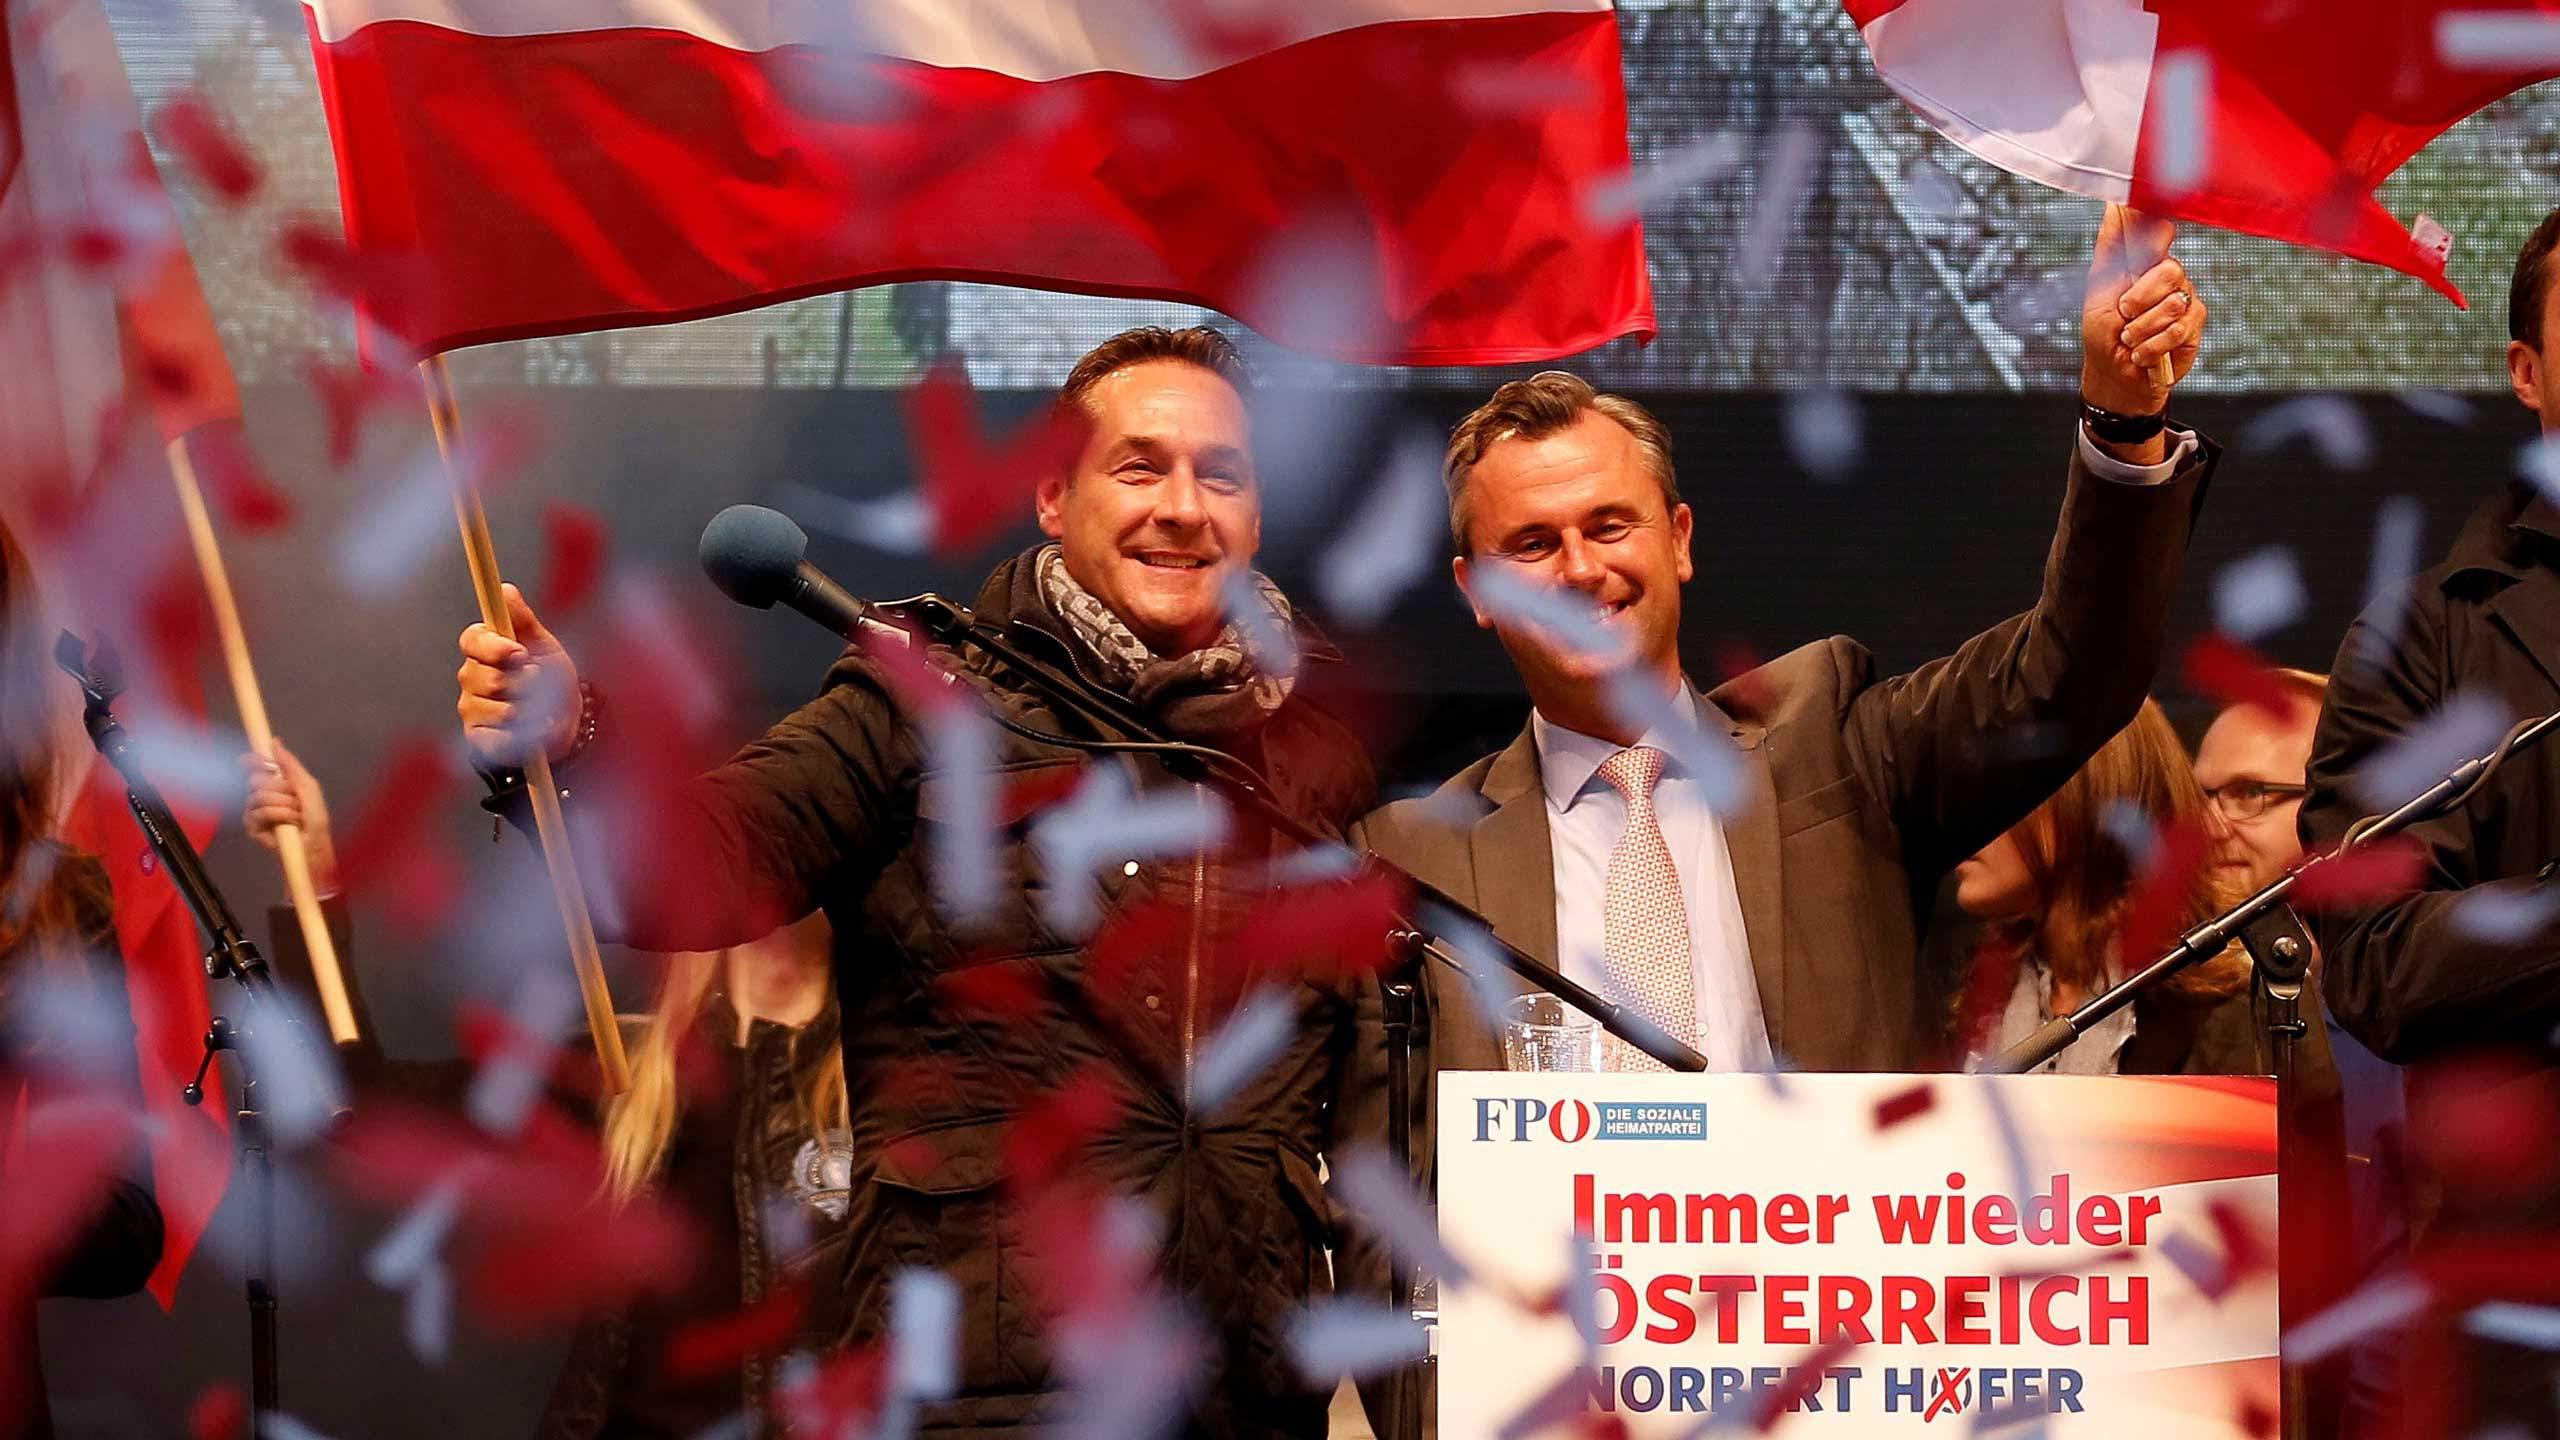 Risultati immagini per hd far right europe